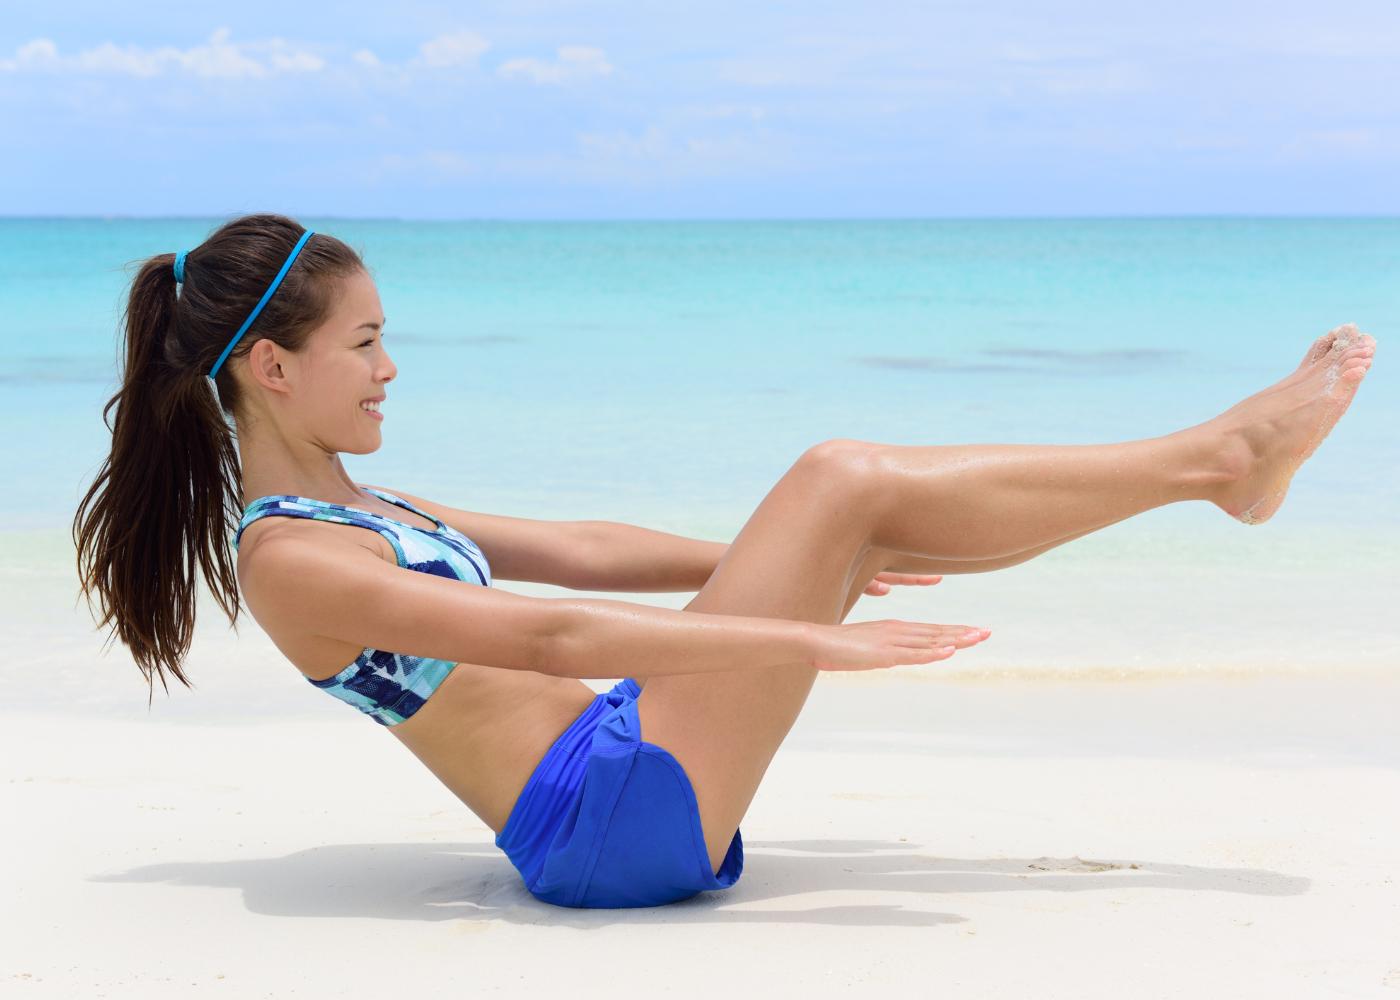 tonificar o corpo v-up exercício